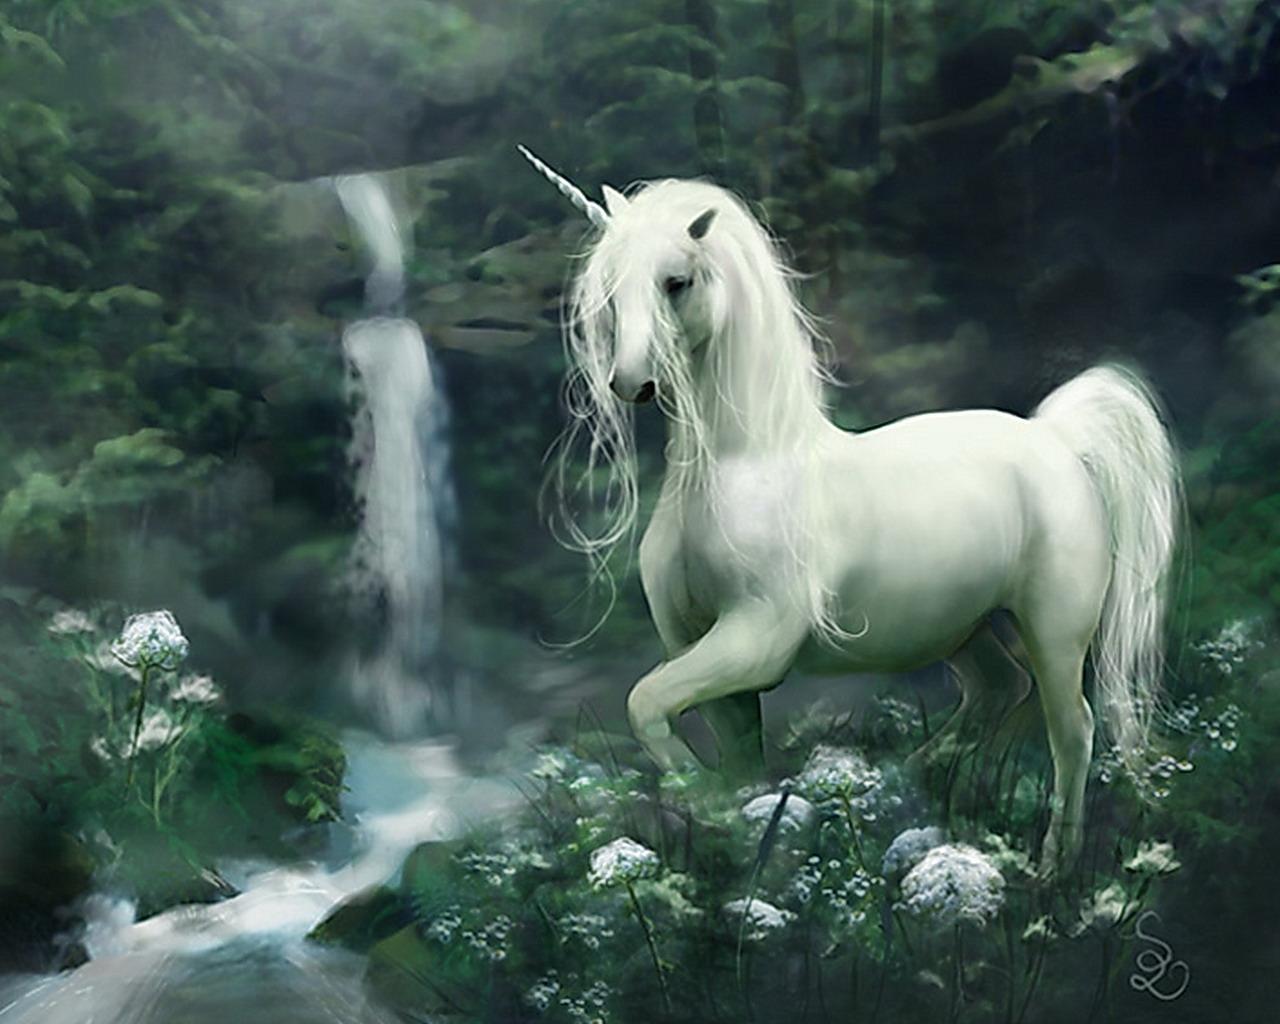 unicorn in mythology